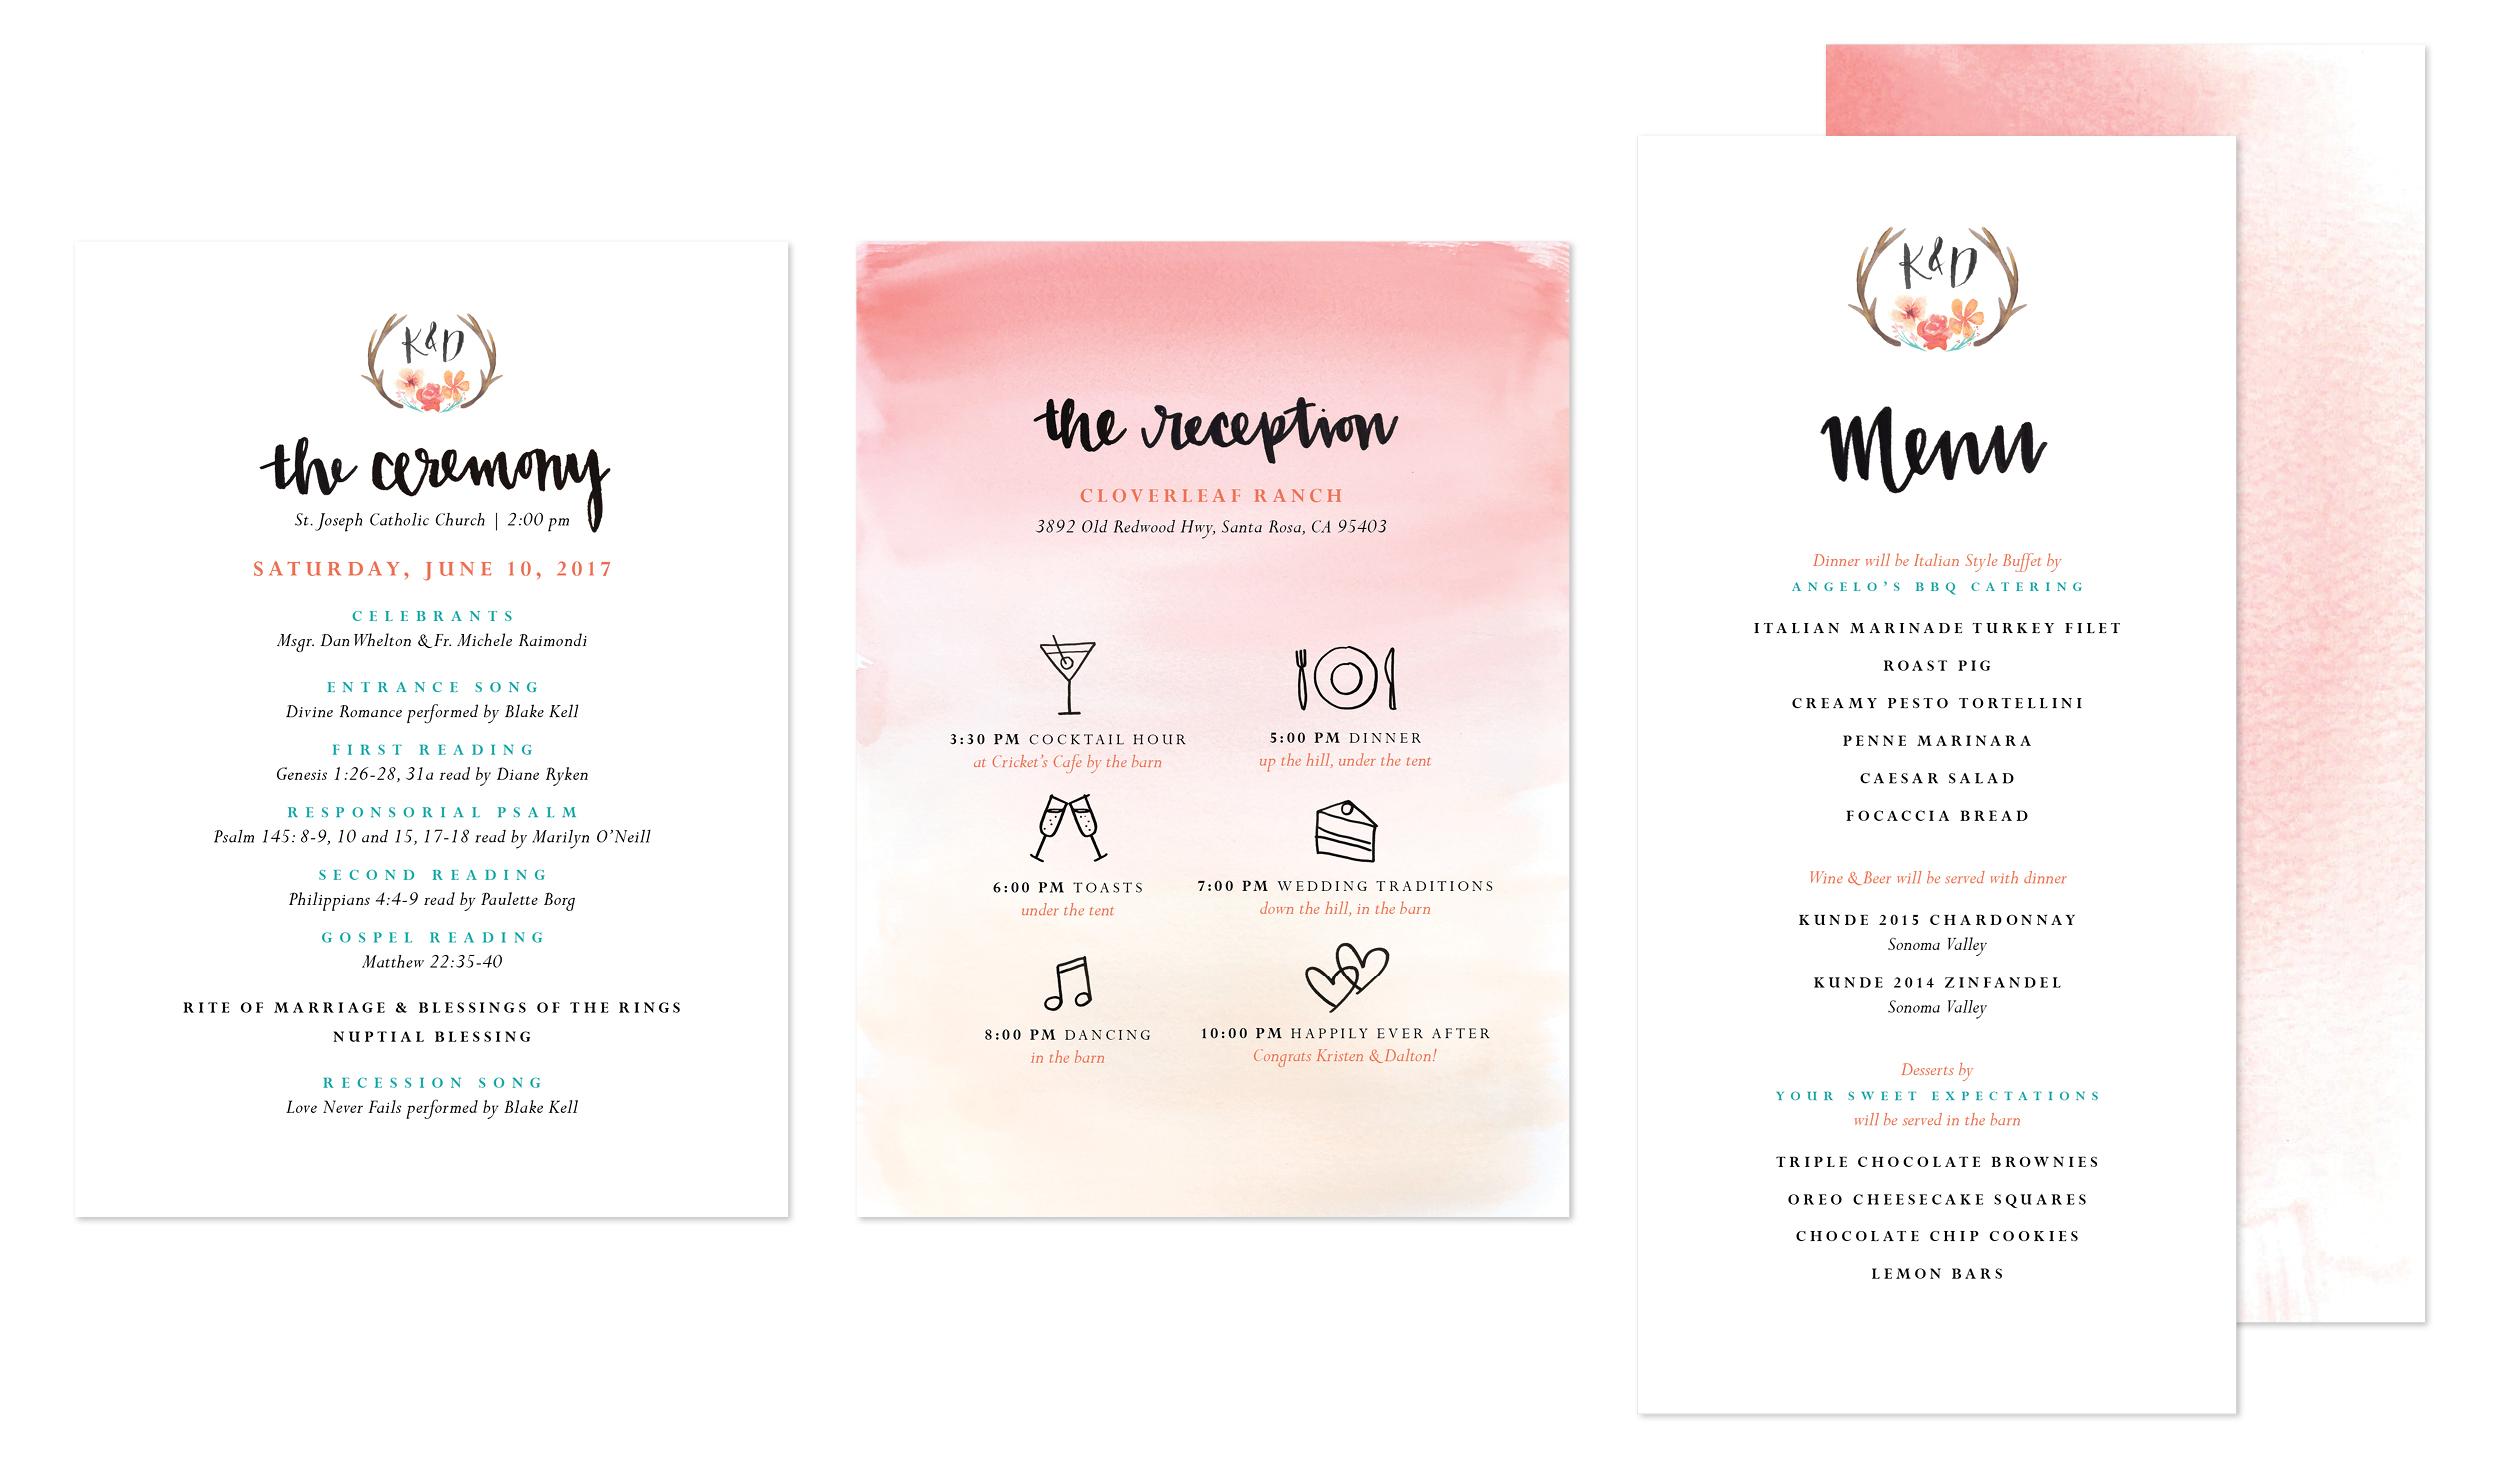 ceremony and reception program, menu